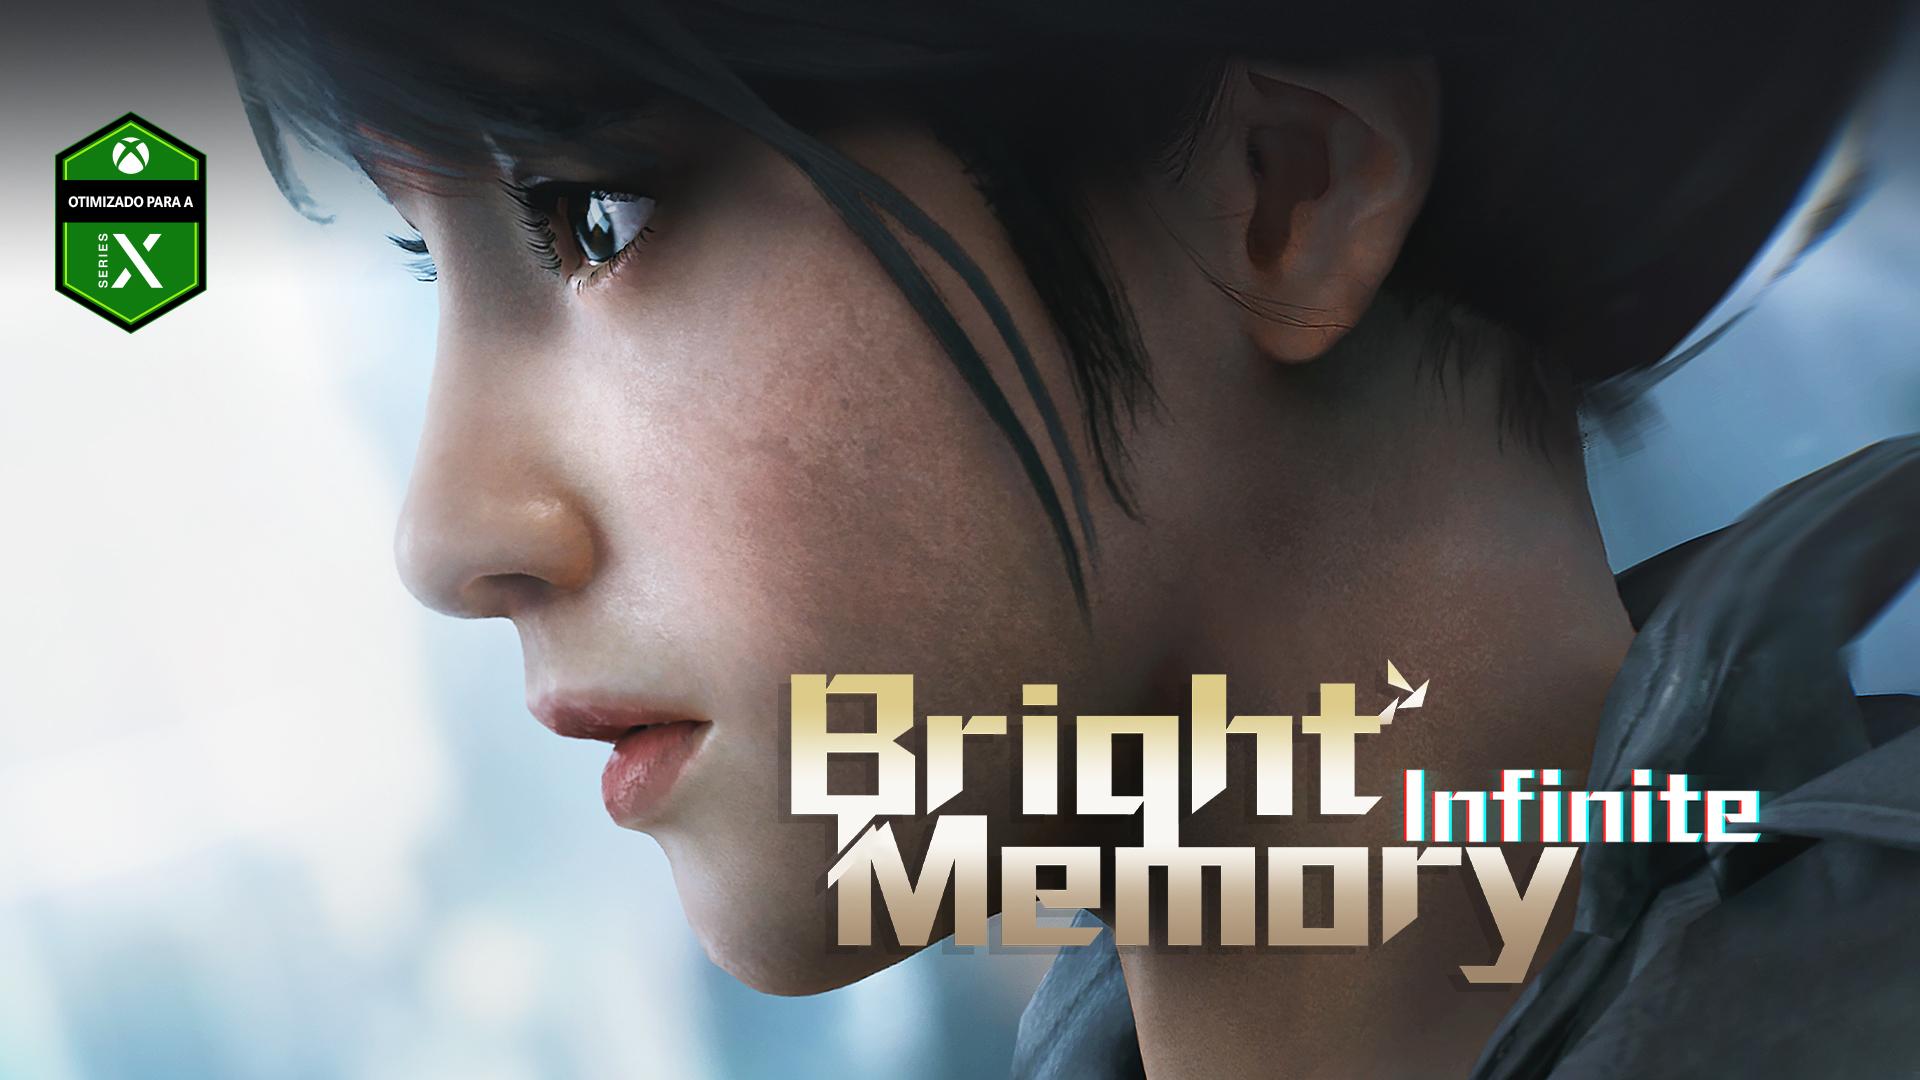 Bright Memory Infinite, Otimizado para a Series X, uma jovem olha para longe.